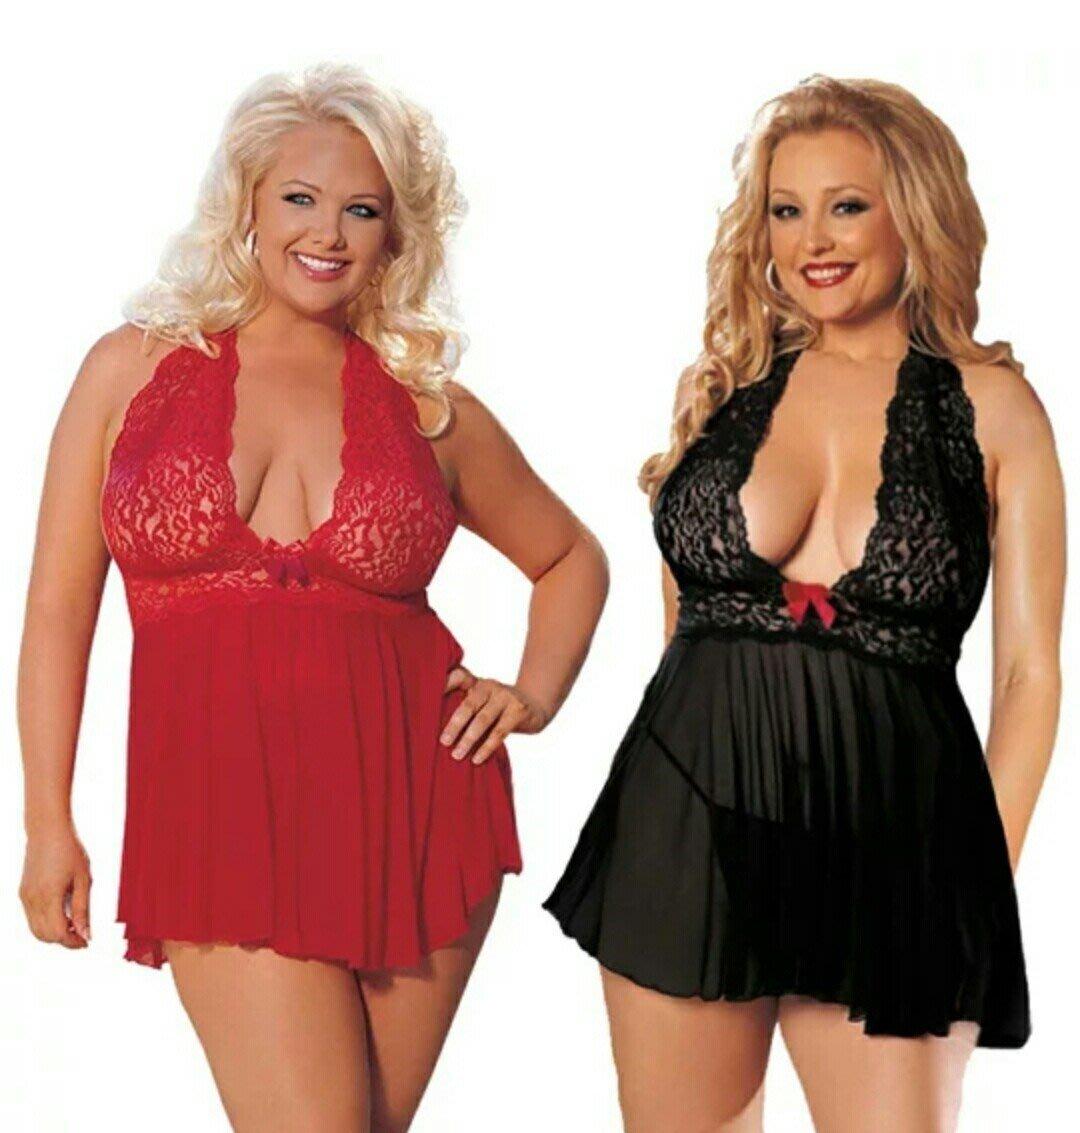 M50 兩色3XL~6XL歐美加大碼低胸蕾絲睡衣 加大碼性感蕾絲拼接睡衣套裝 加大睡衣側開衫 低胸情趣內衣 熱銷歐美